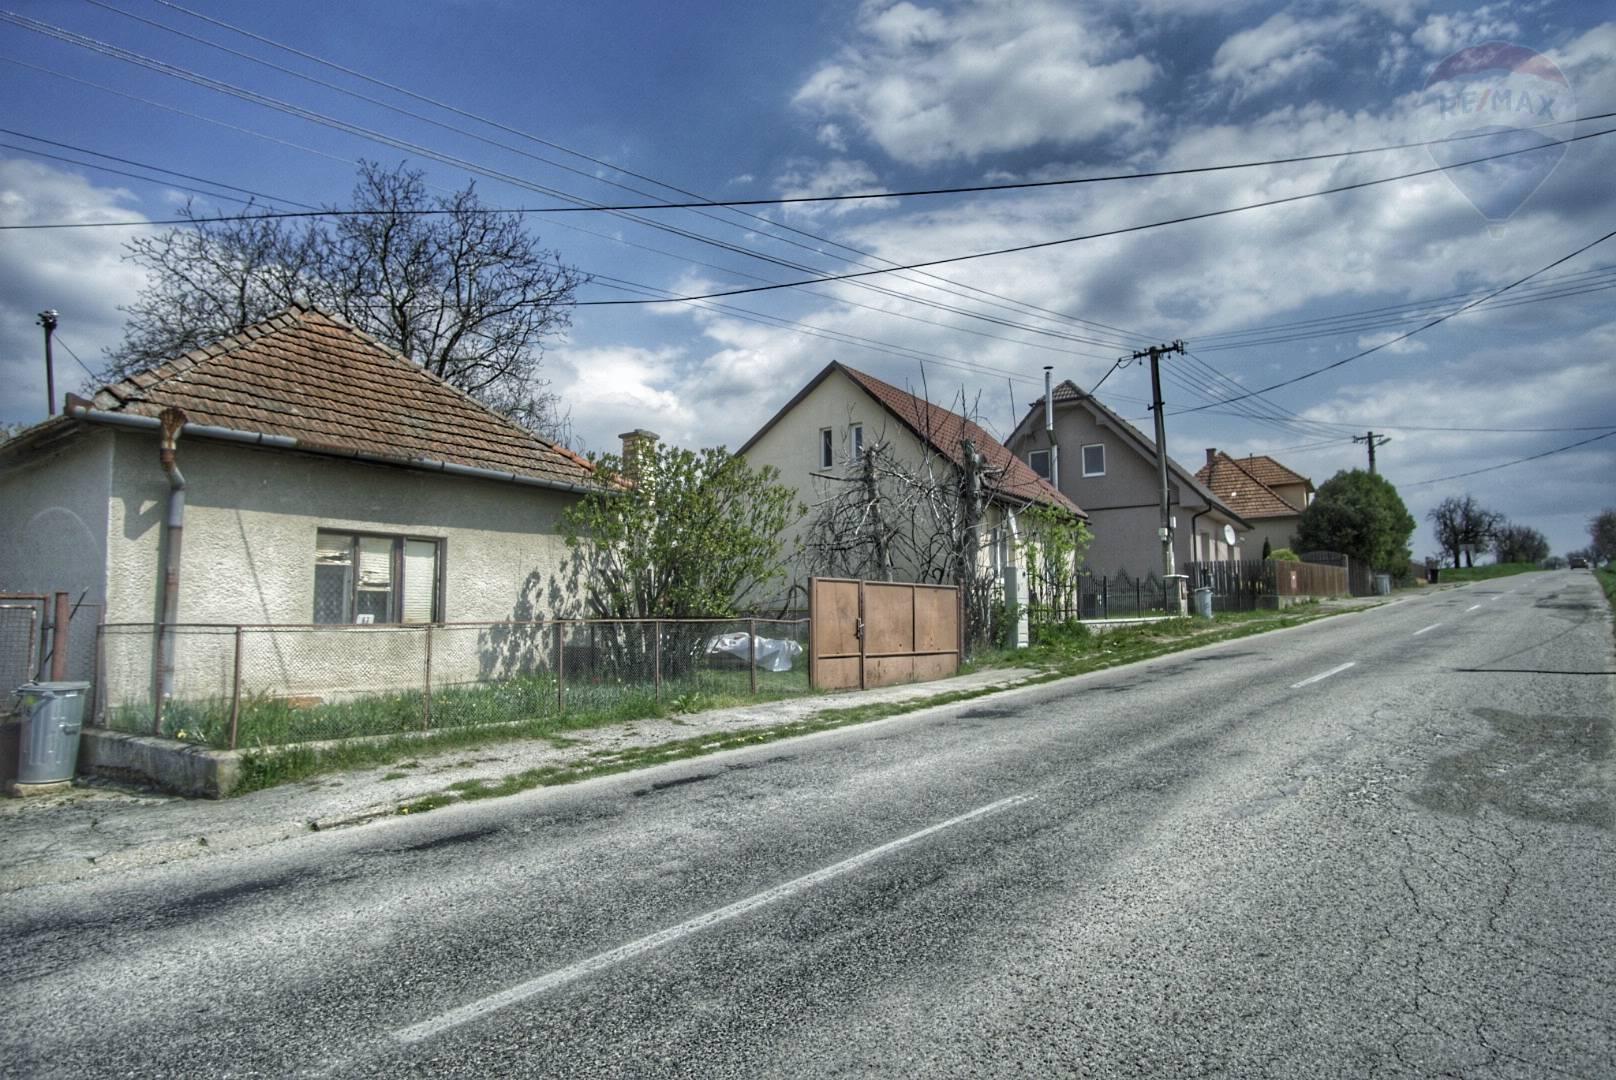 Predaj 2 izbového rodinného domu s pozemkom o rozlohe 14ar - Obsolovce